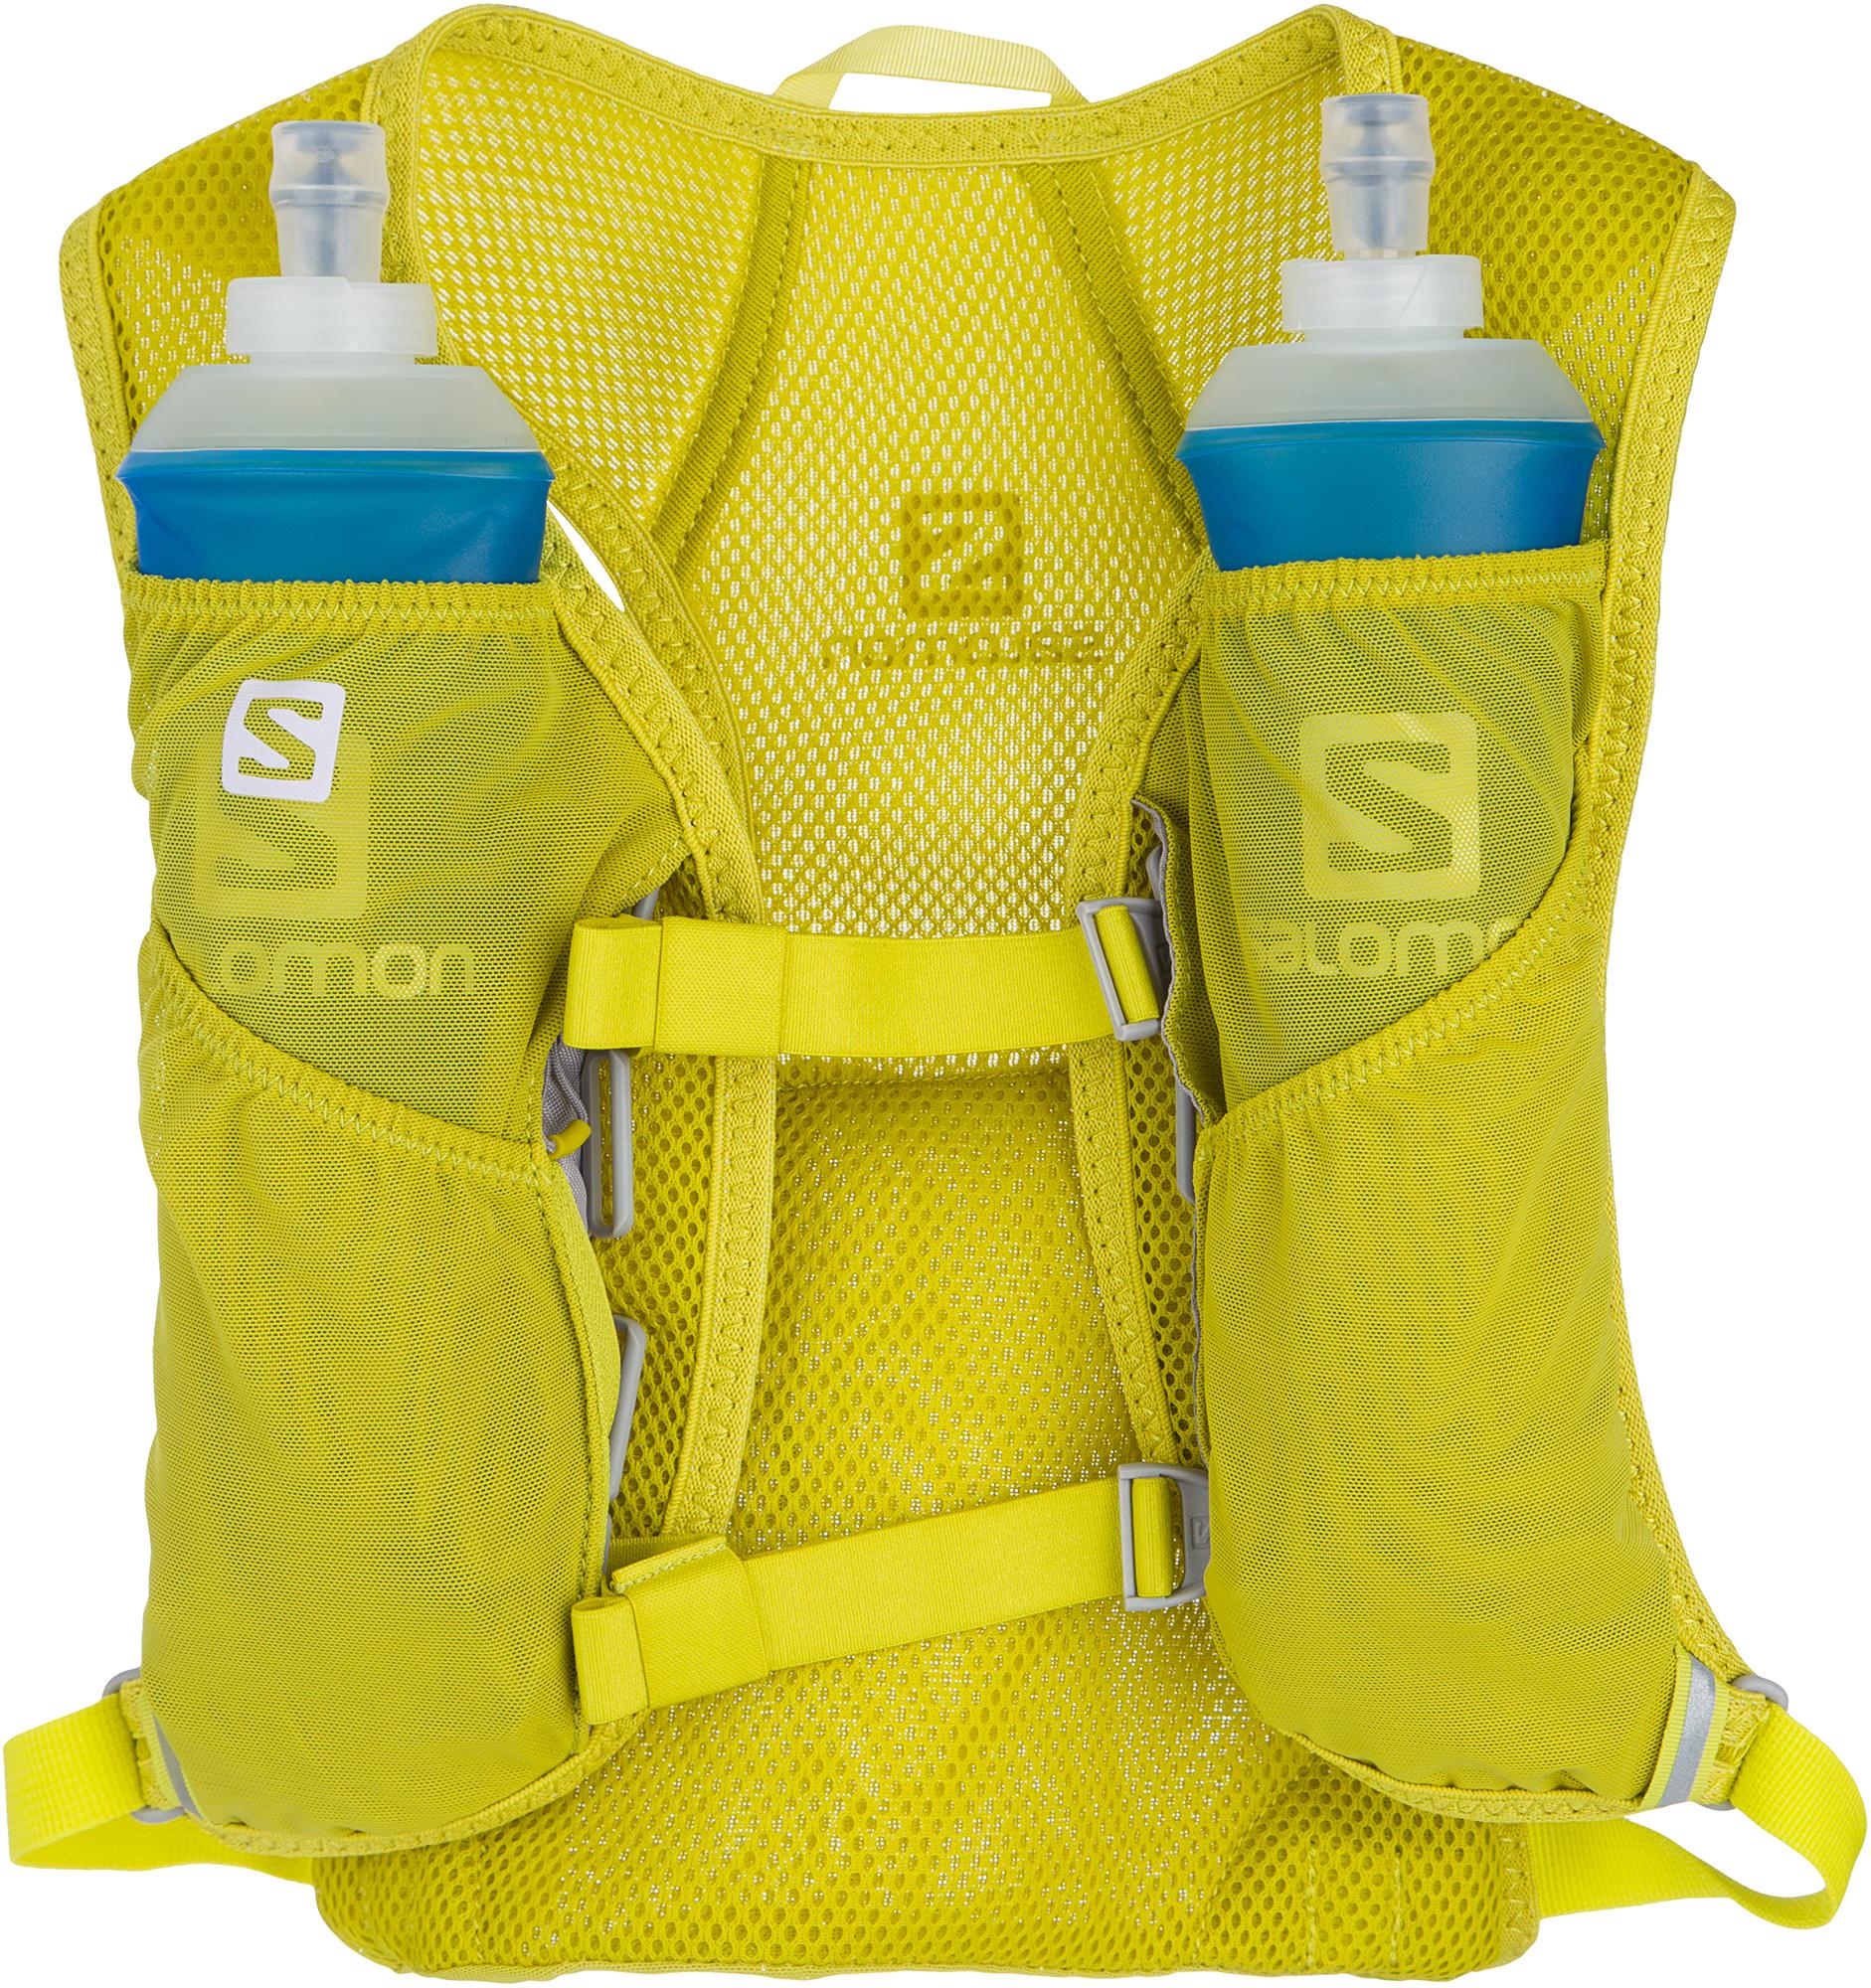 цены на Salomon Рюкзак-жилет Salomon Agile 2 Set  в интернет-магазинах